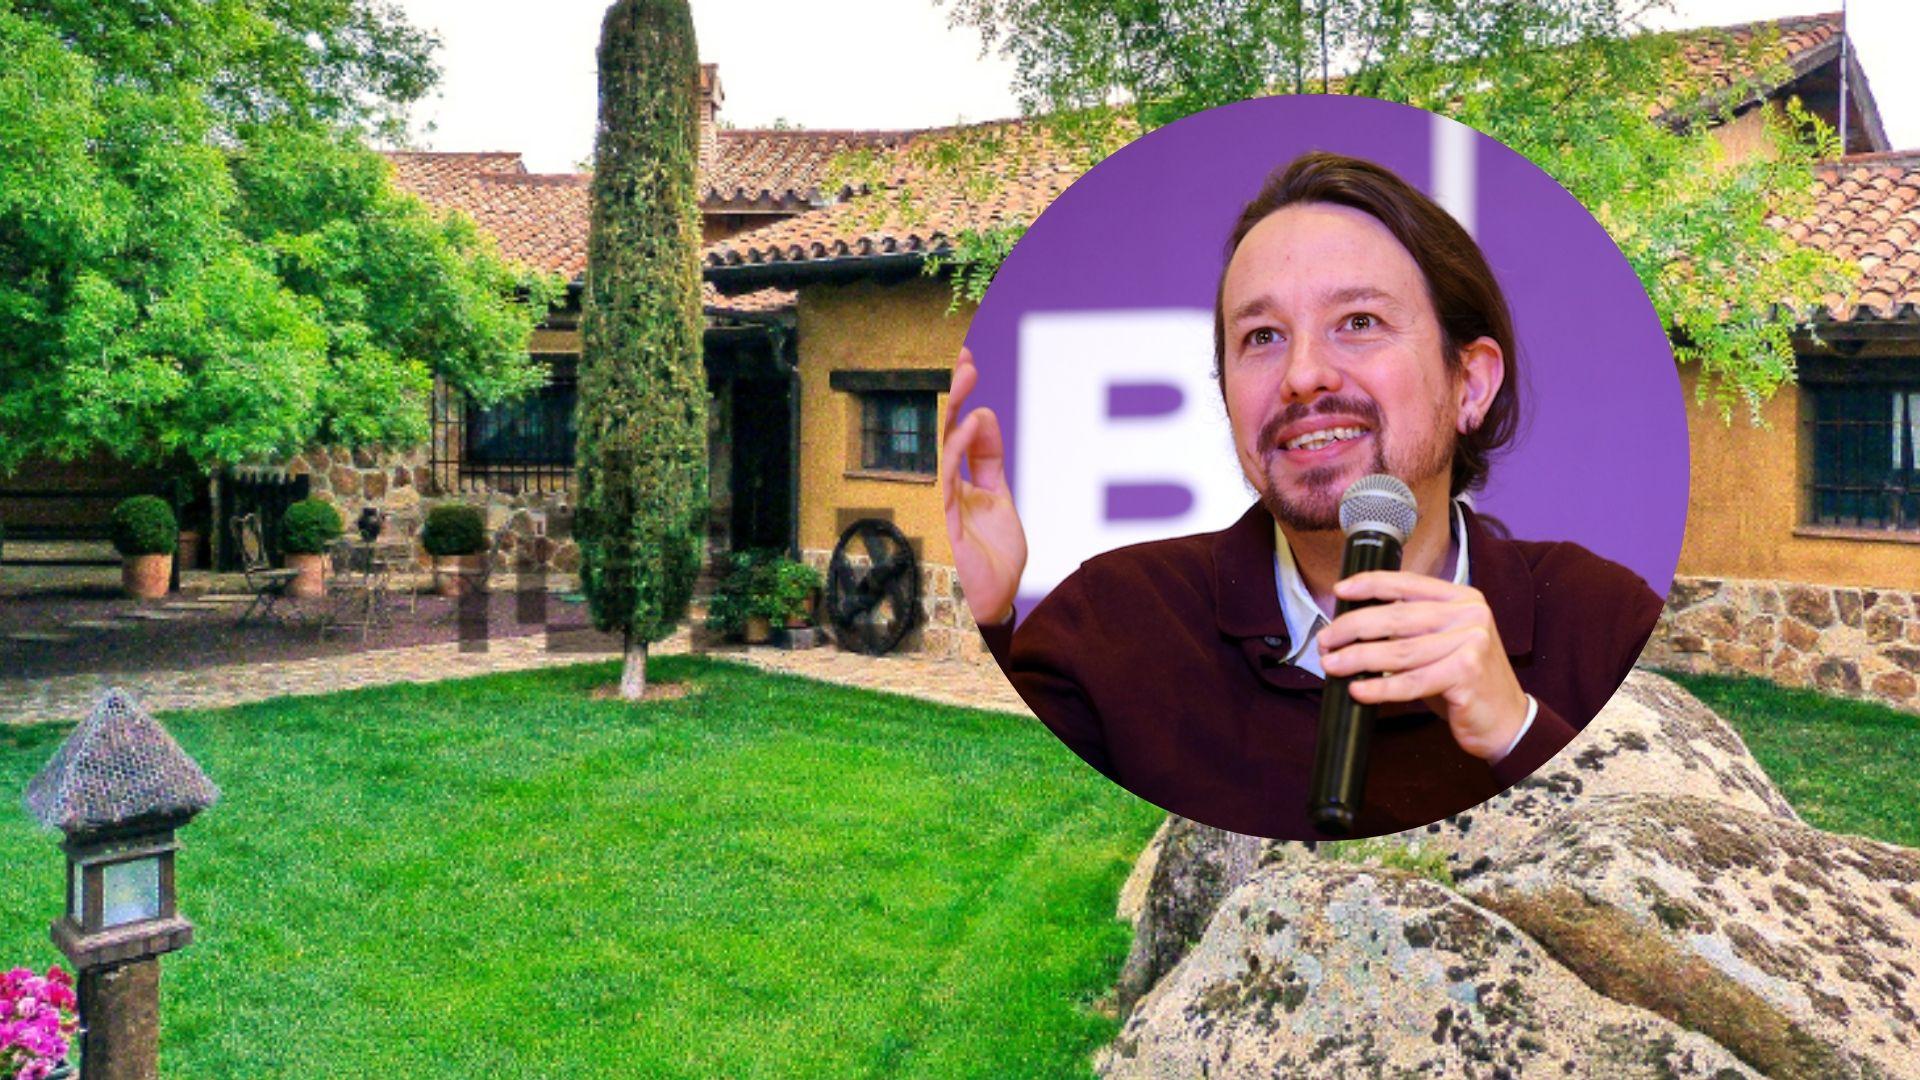 ¡Qué fuerte! Pablo Iglesias, el de los 'escoltas fake', se cubre de 'Gloria' con una hipócrita reivindicación sobre la explotación laboral